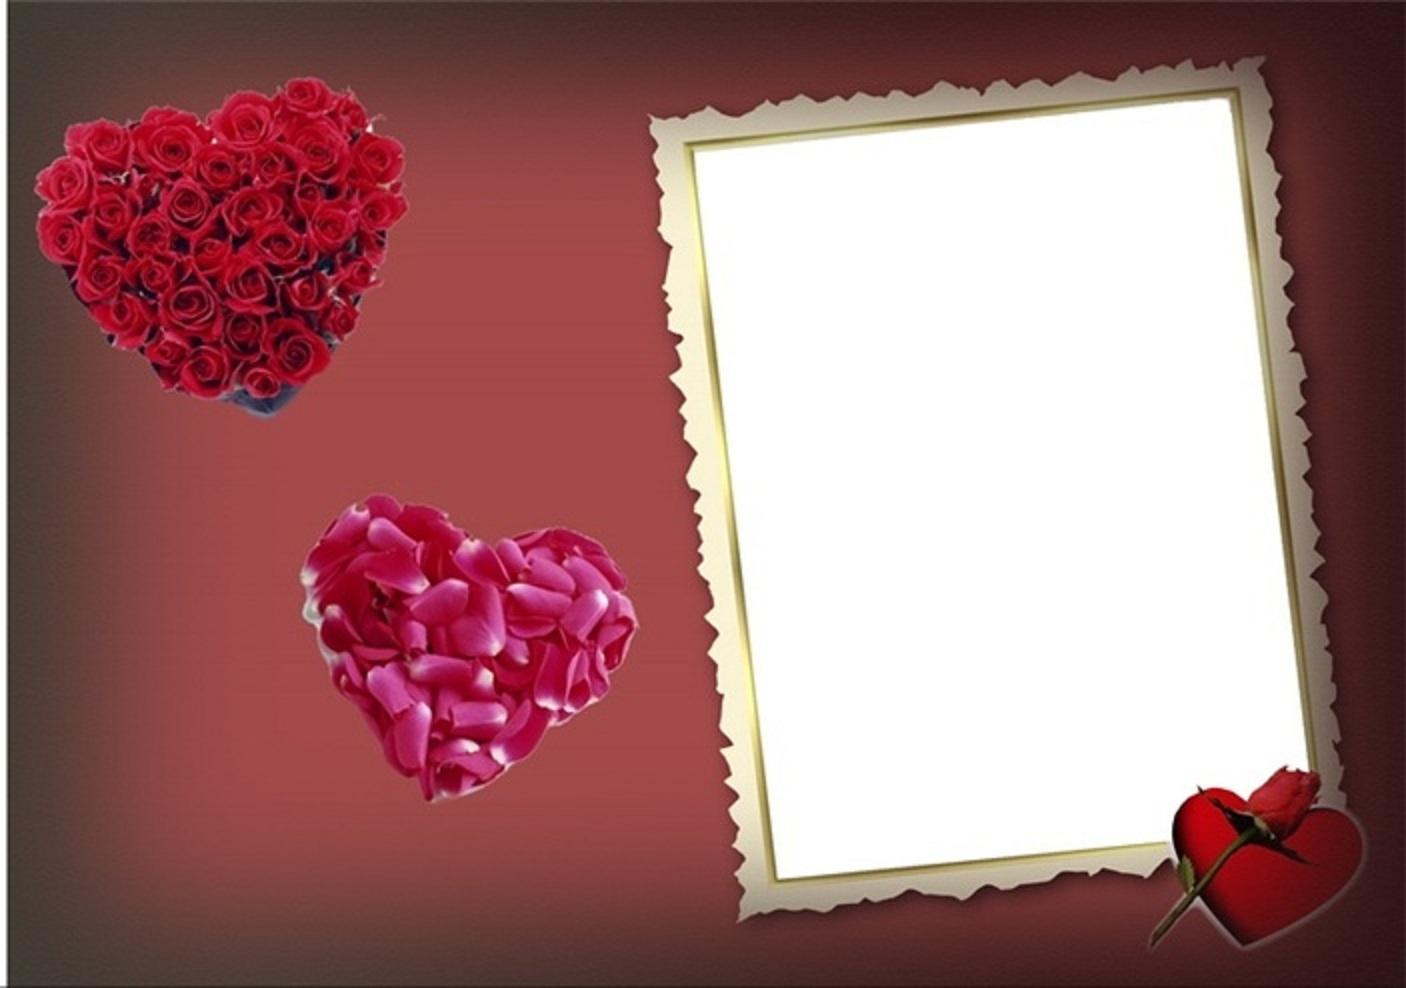 Cute Aishwarya Rai Wallpapers Photoshop Frames Wallpapers Free Downloads Beautiful